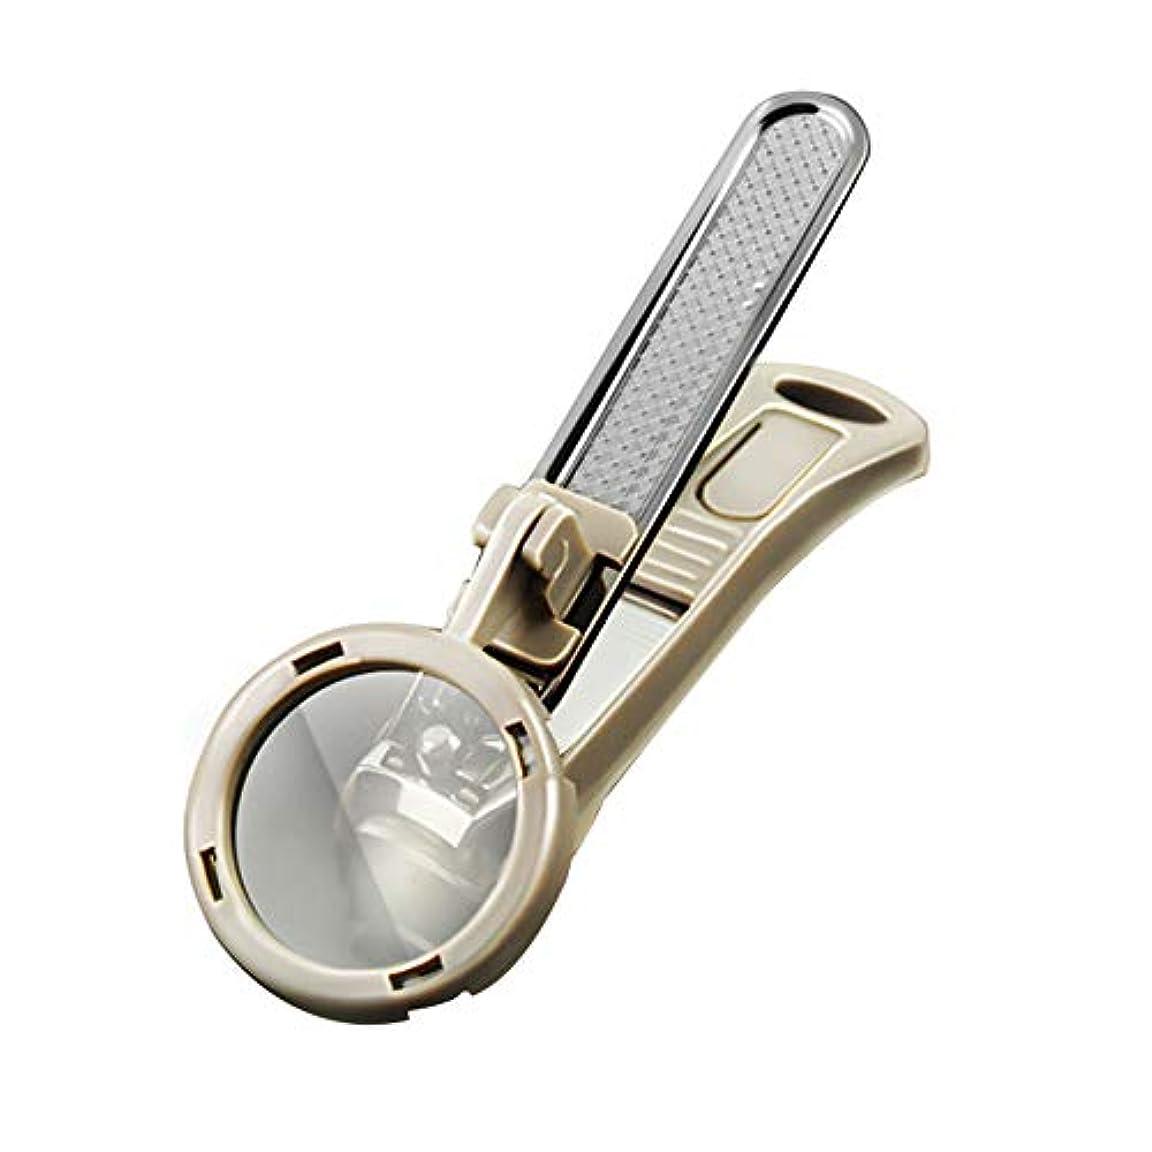 ブローホールこどもの日キャスト2.5倍の爪切りの拡大鏡,取り外し可能な拡大鏡の高齢者の爪切り ベビーセーフティーネイルケア ,収納ボックス付き